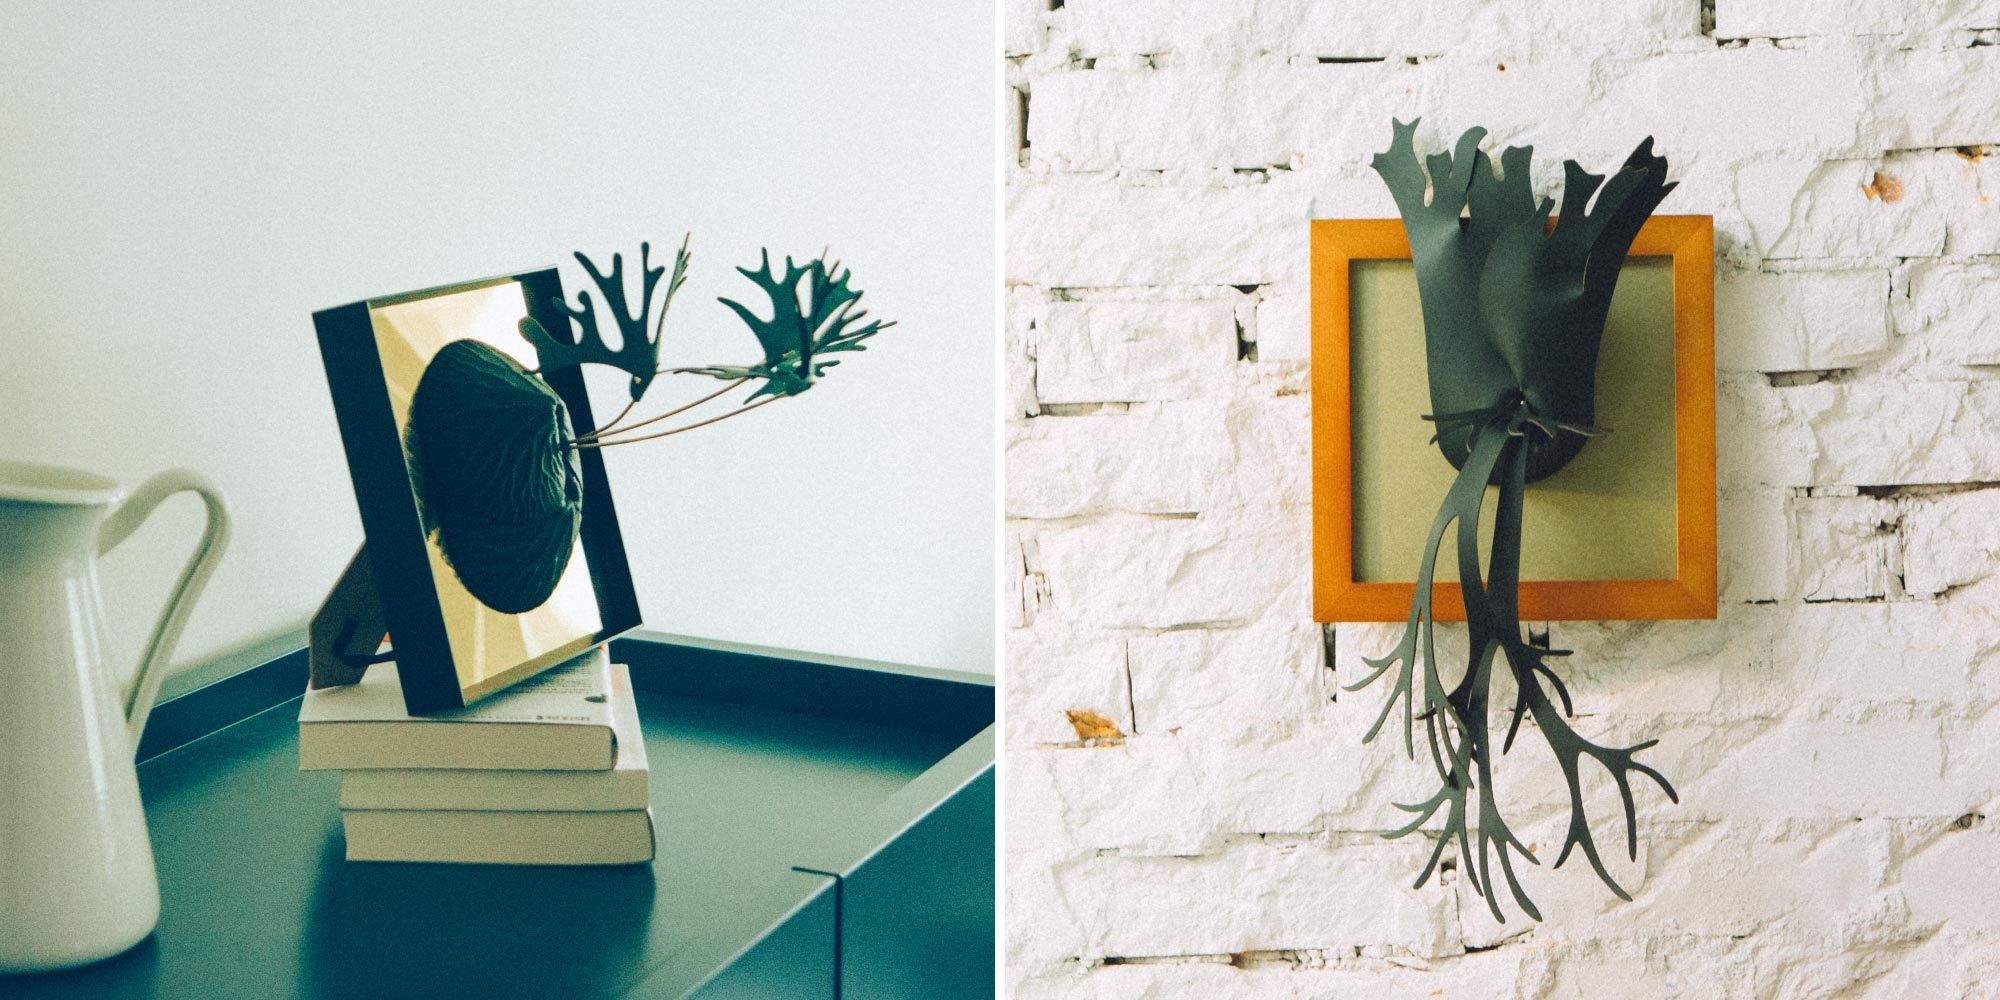 二叉鹿角蕨和爪哇鹿角蕨,放在家裡不僅綠化美觀,也能擴香的皮革植物